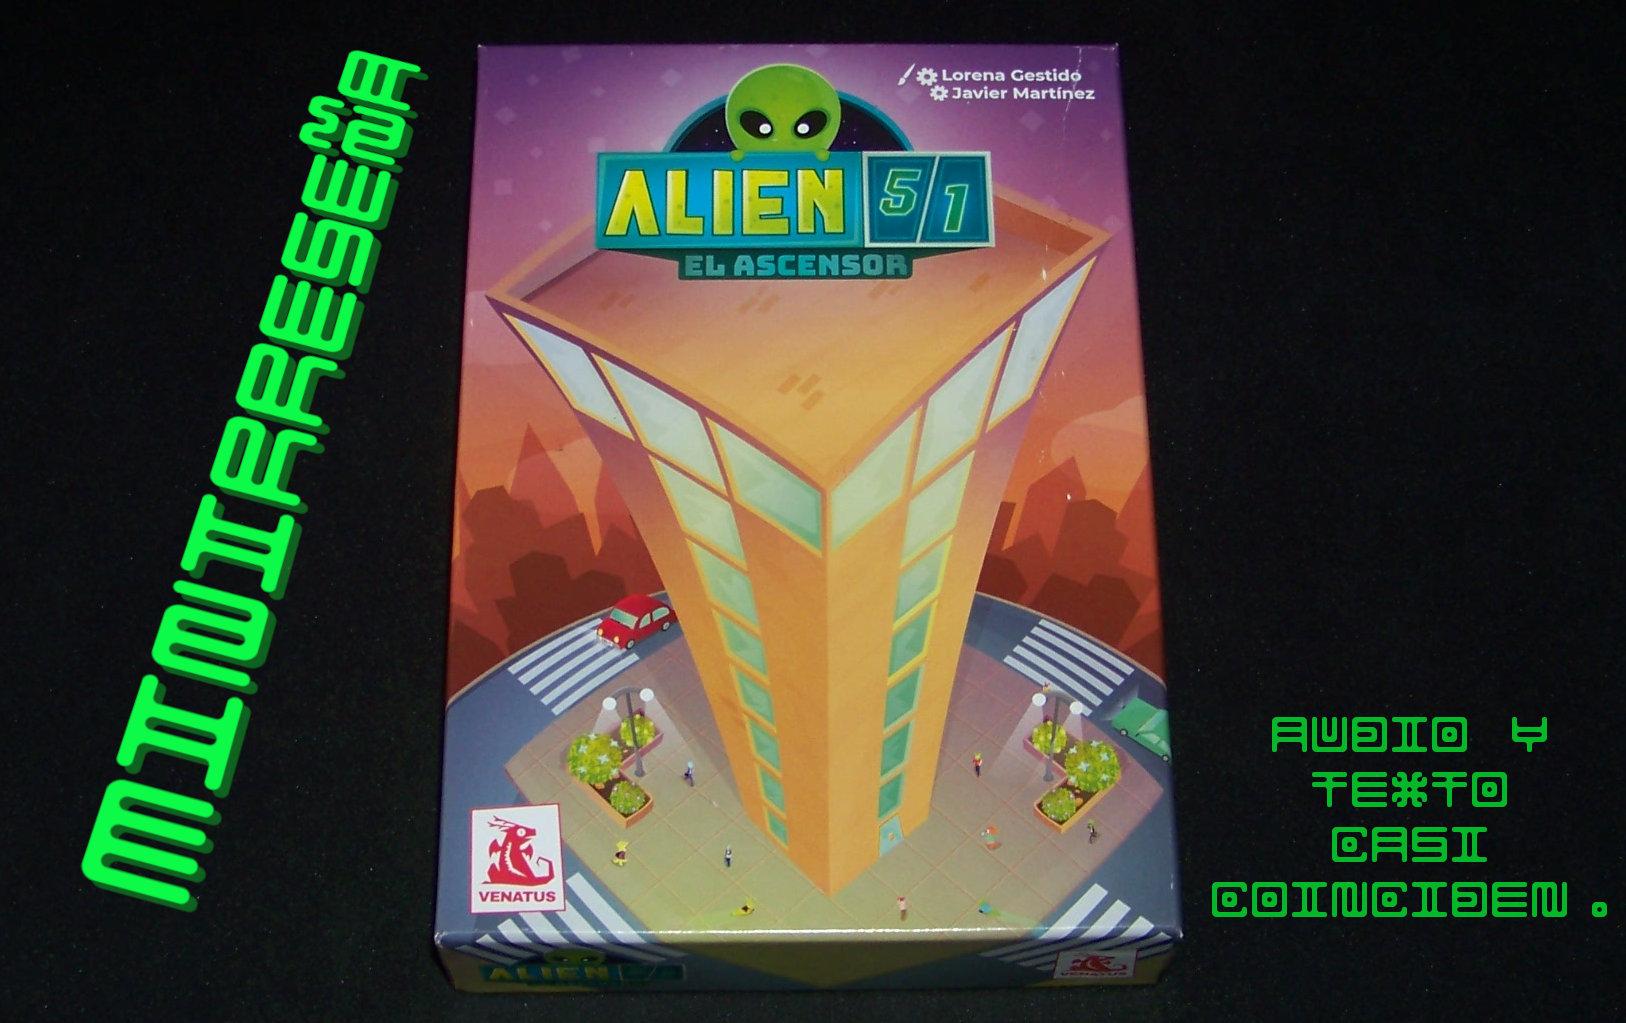 Juego de mesa Alien 51 - carátula